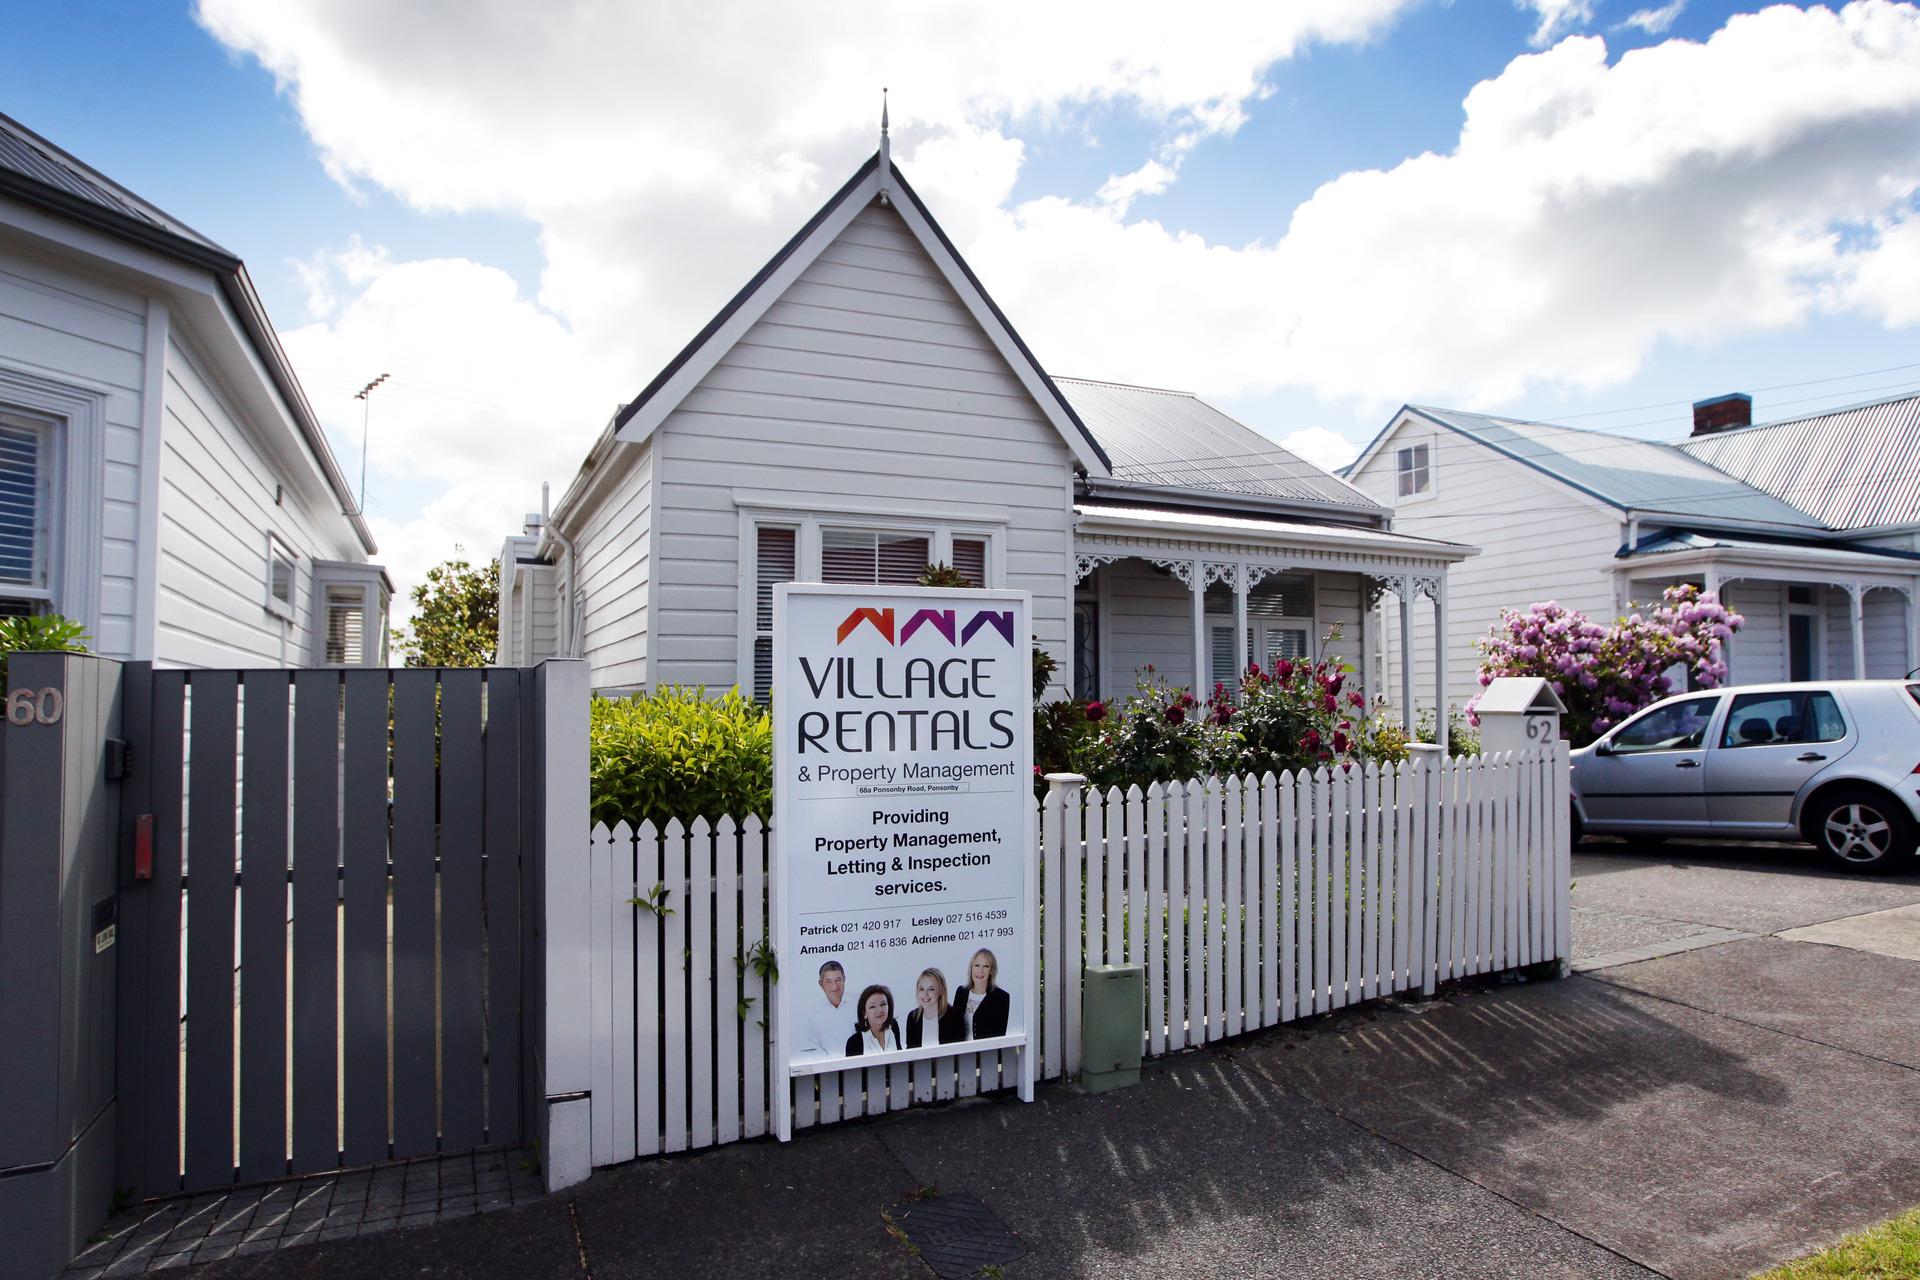 Six factors Kiwi landlords fear the most: new survey